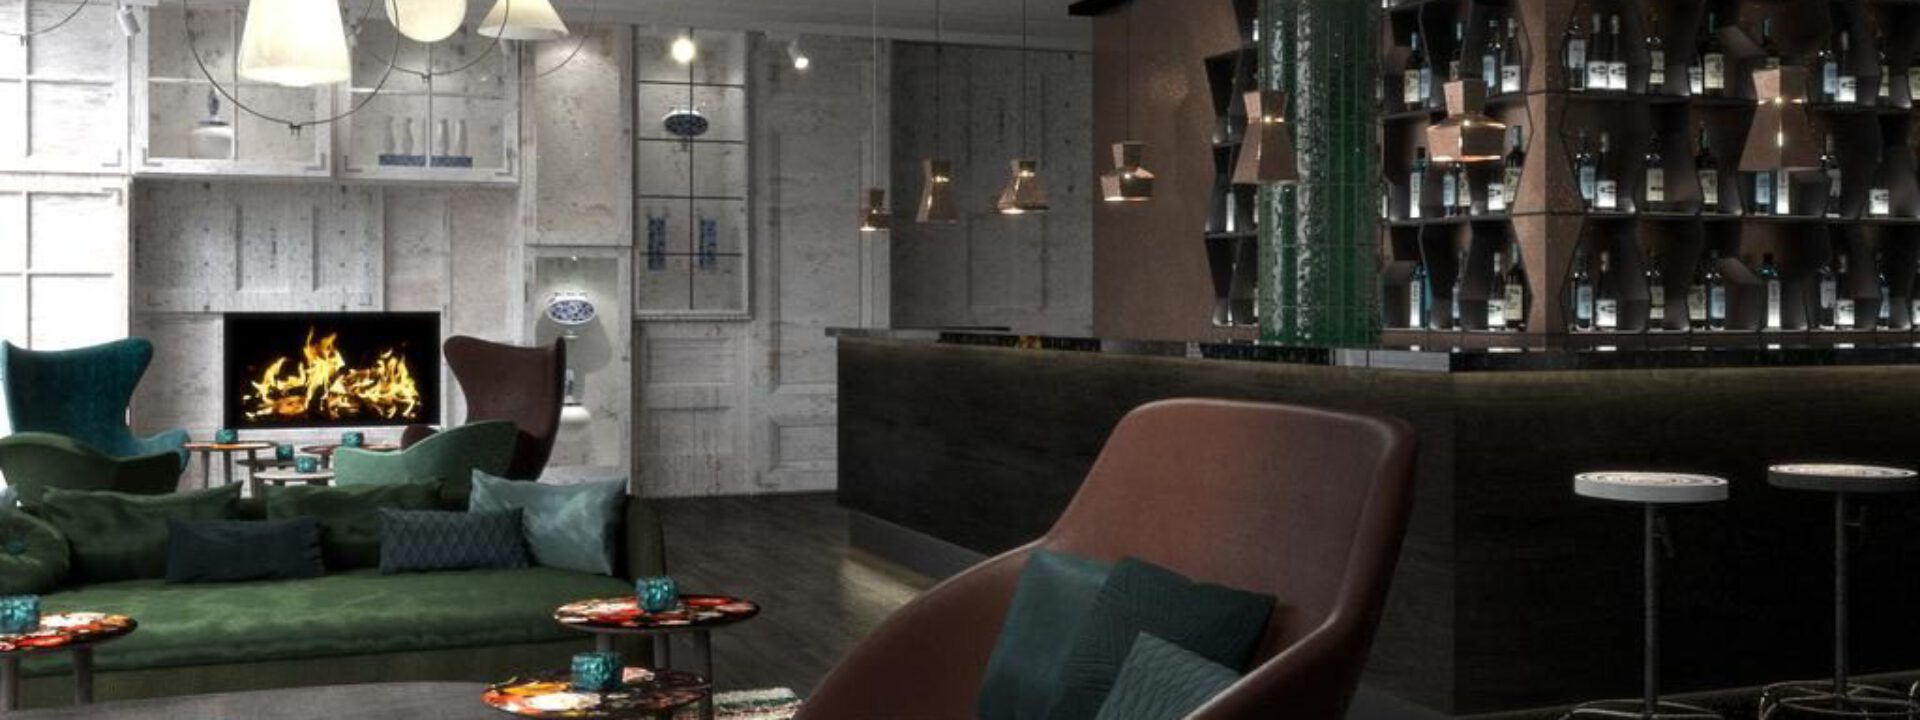 EW Facility Services de nieuwe schoonmaakpartner van Motel One Amsterdam-Waterlooplein